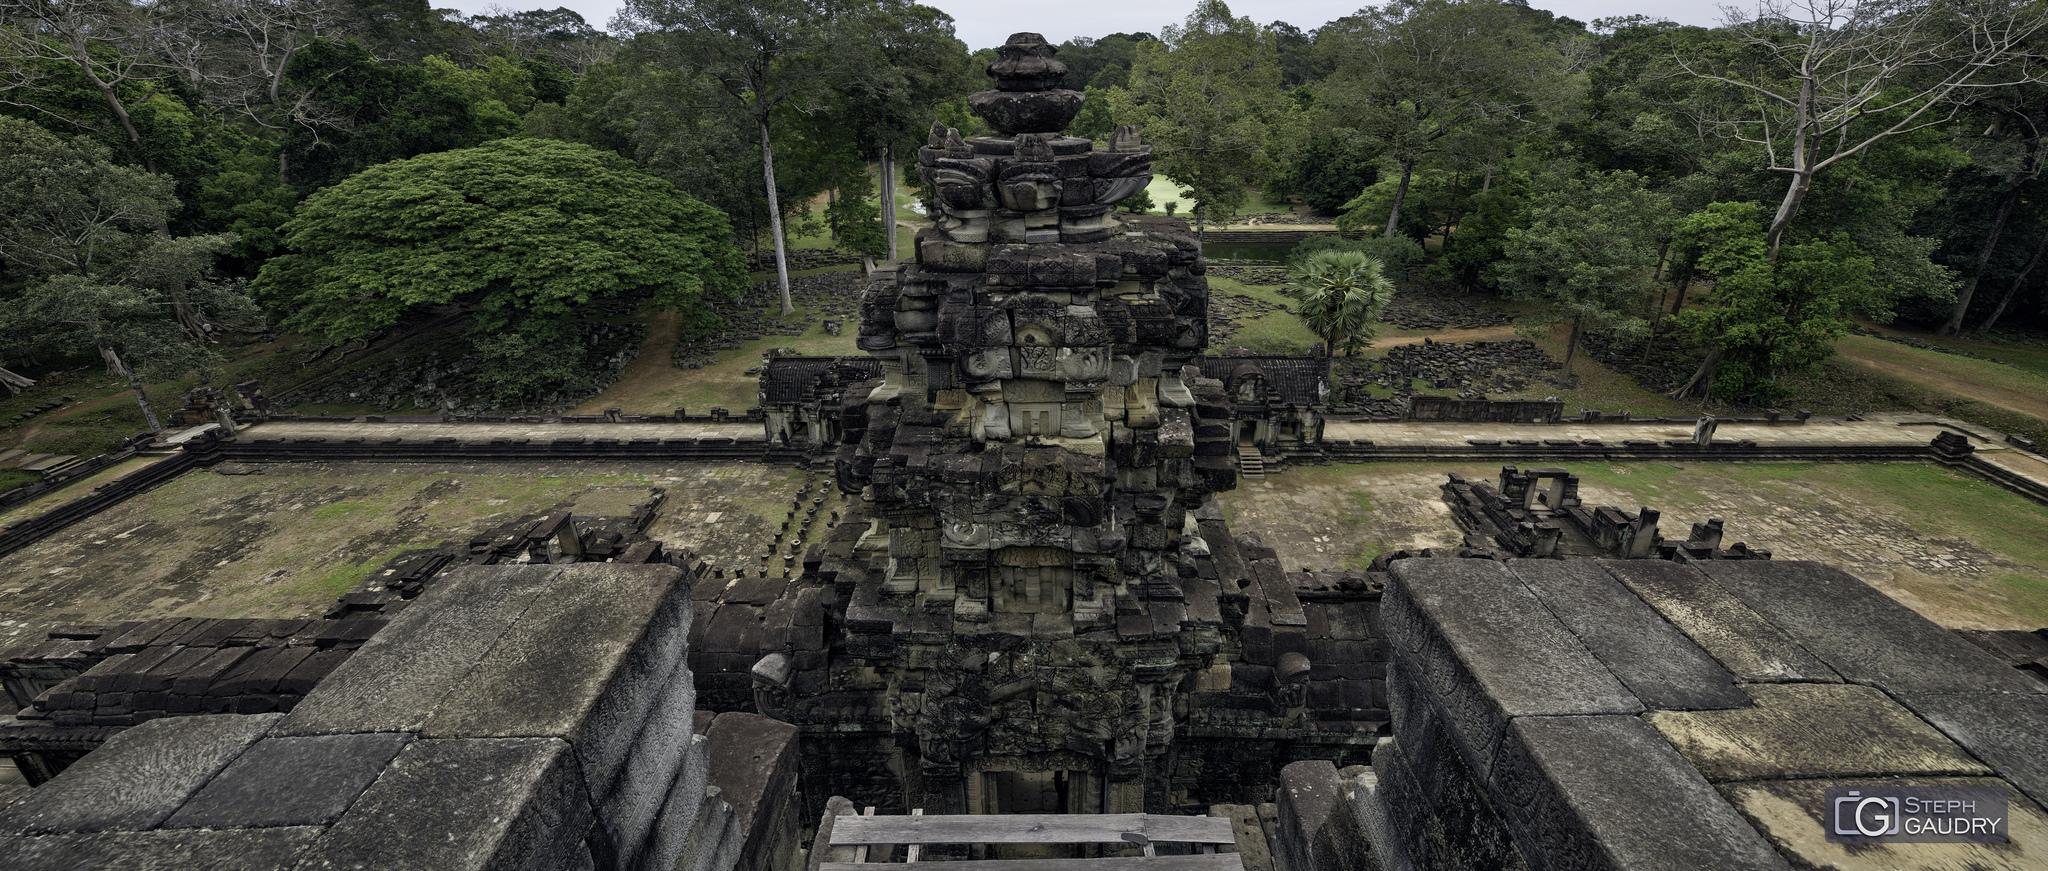 Baphûon (Angkor) [Klik om de diavoorstelling te starten]